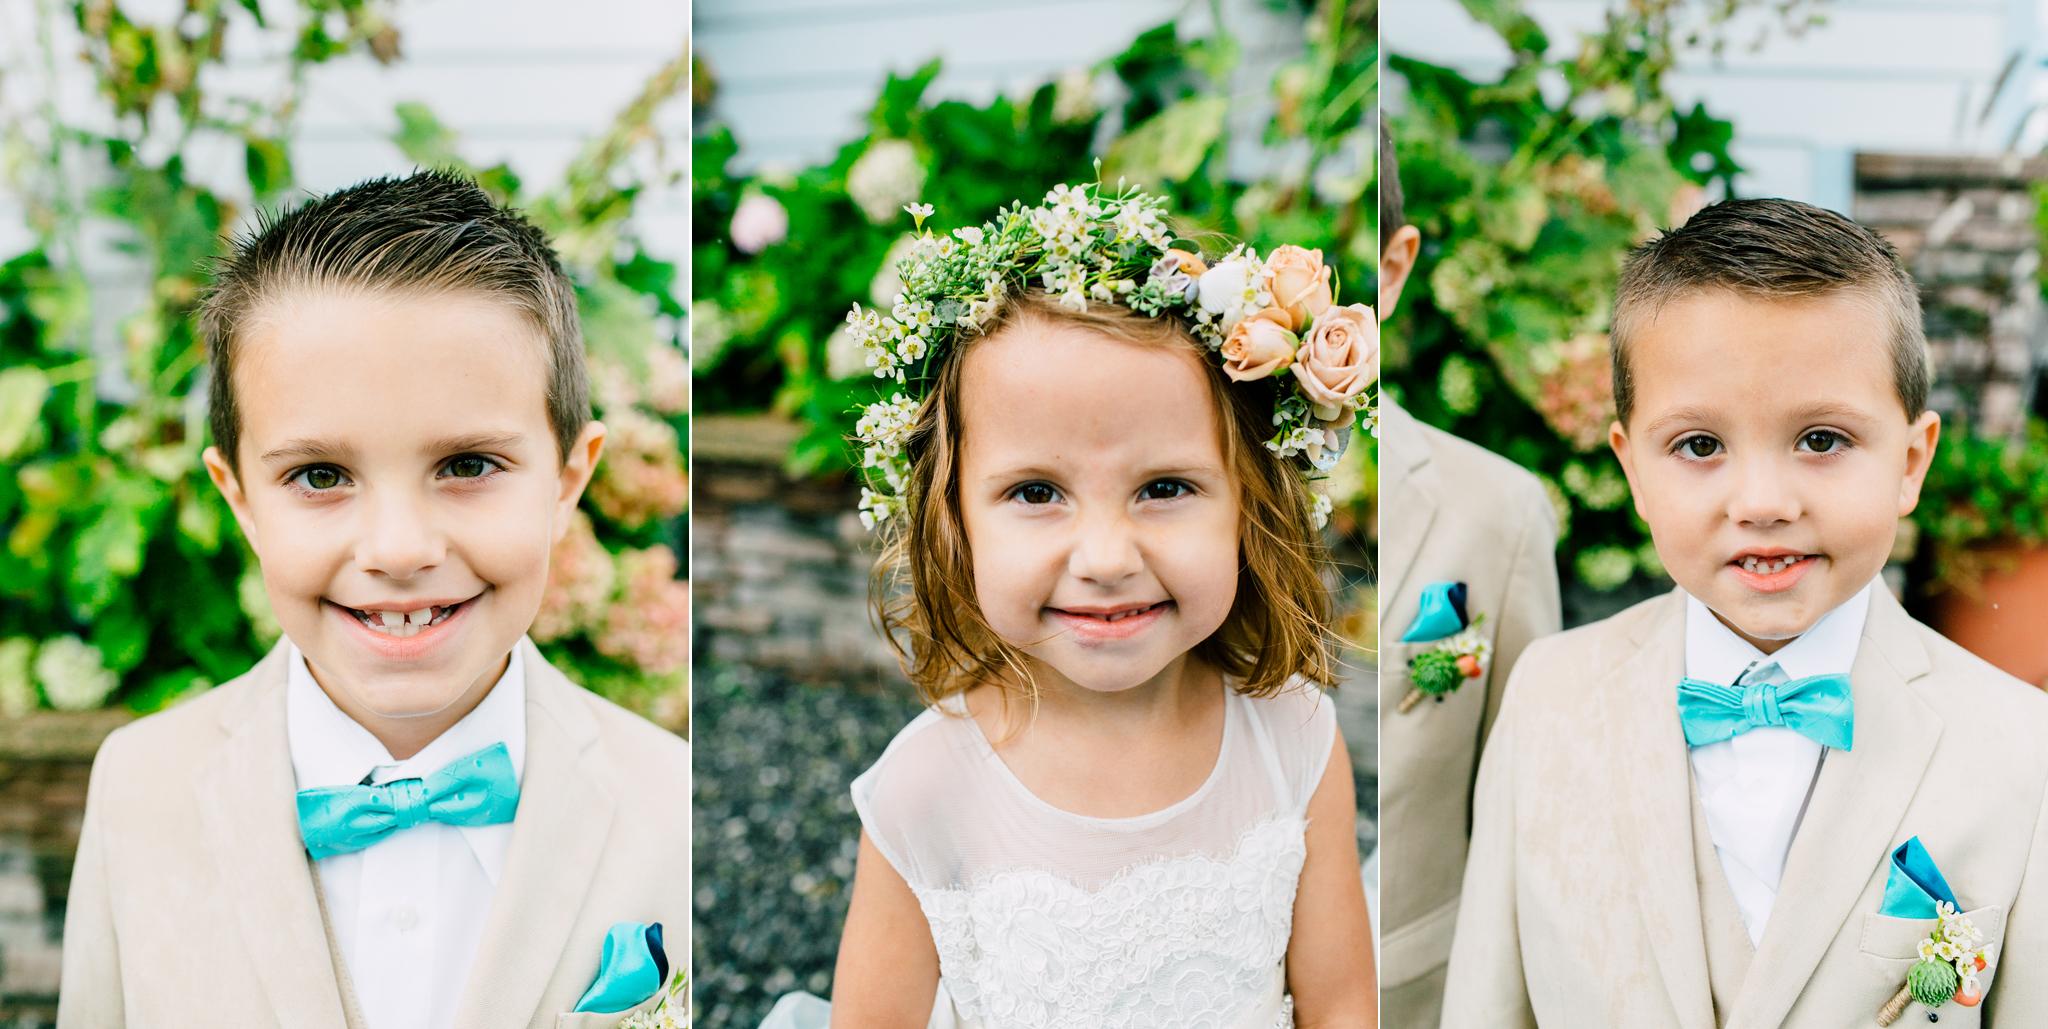 052-bellingham-wedding-photographer-beach-katheryn-moran-elisa-phillip.jpg